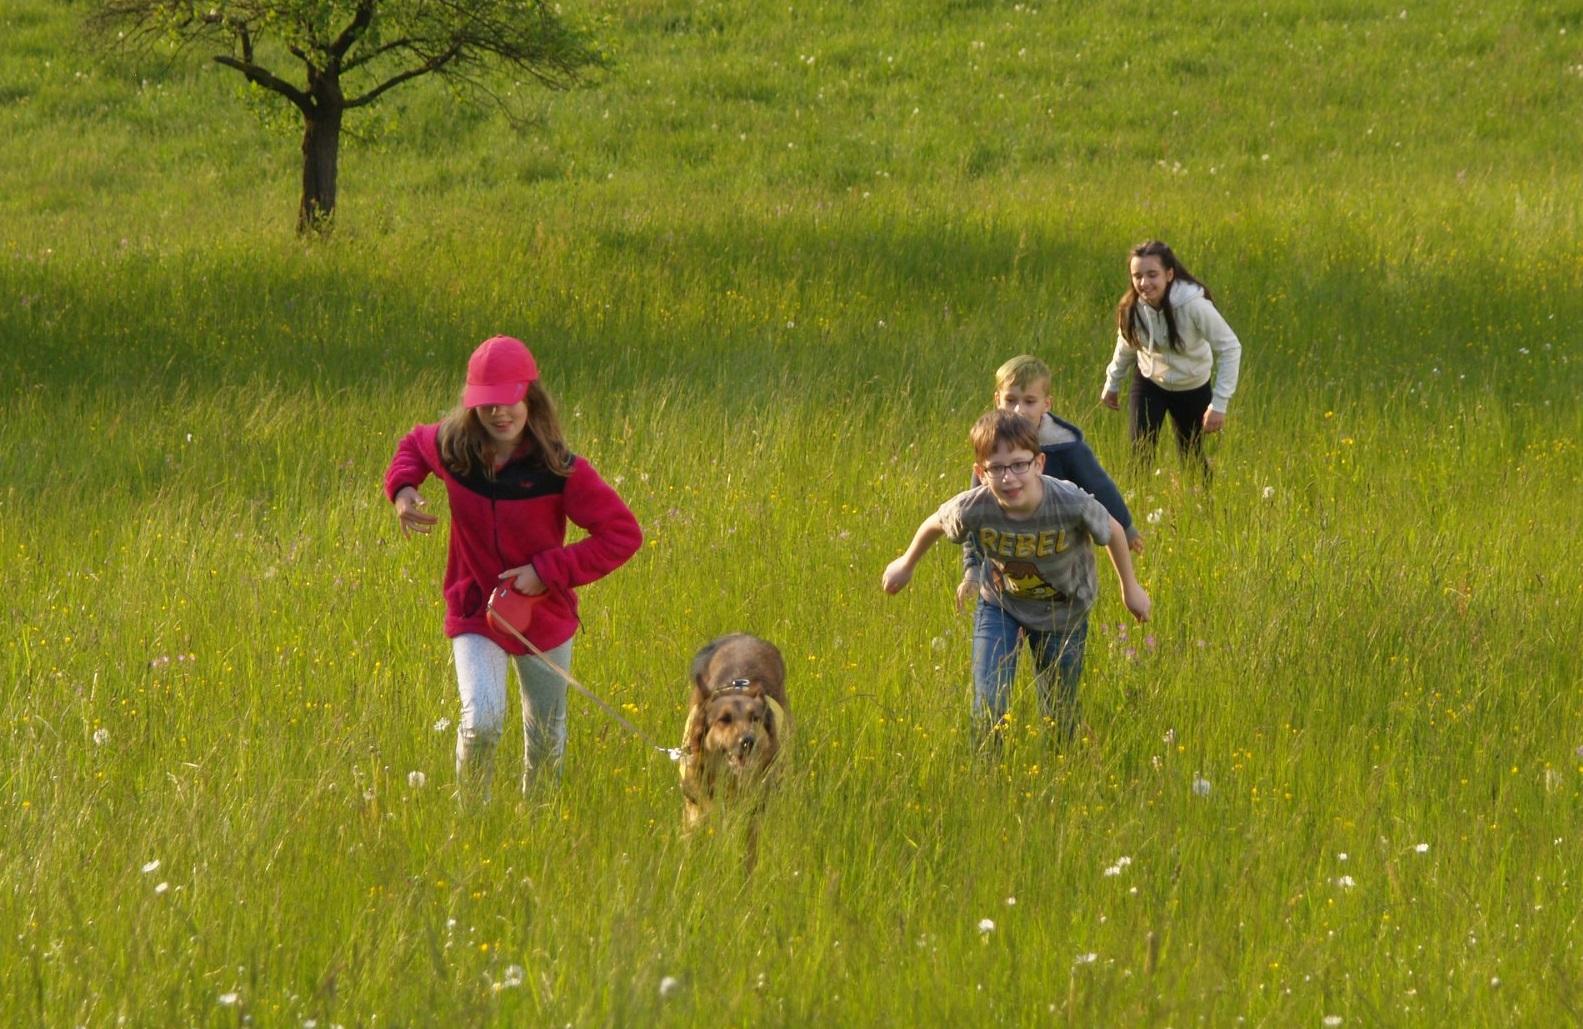 Být sám jiný je těžké aneb Inkluze zpohledu potřeb dětí, které jsou vběžném kolektivu jiné